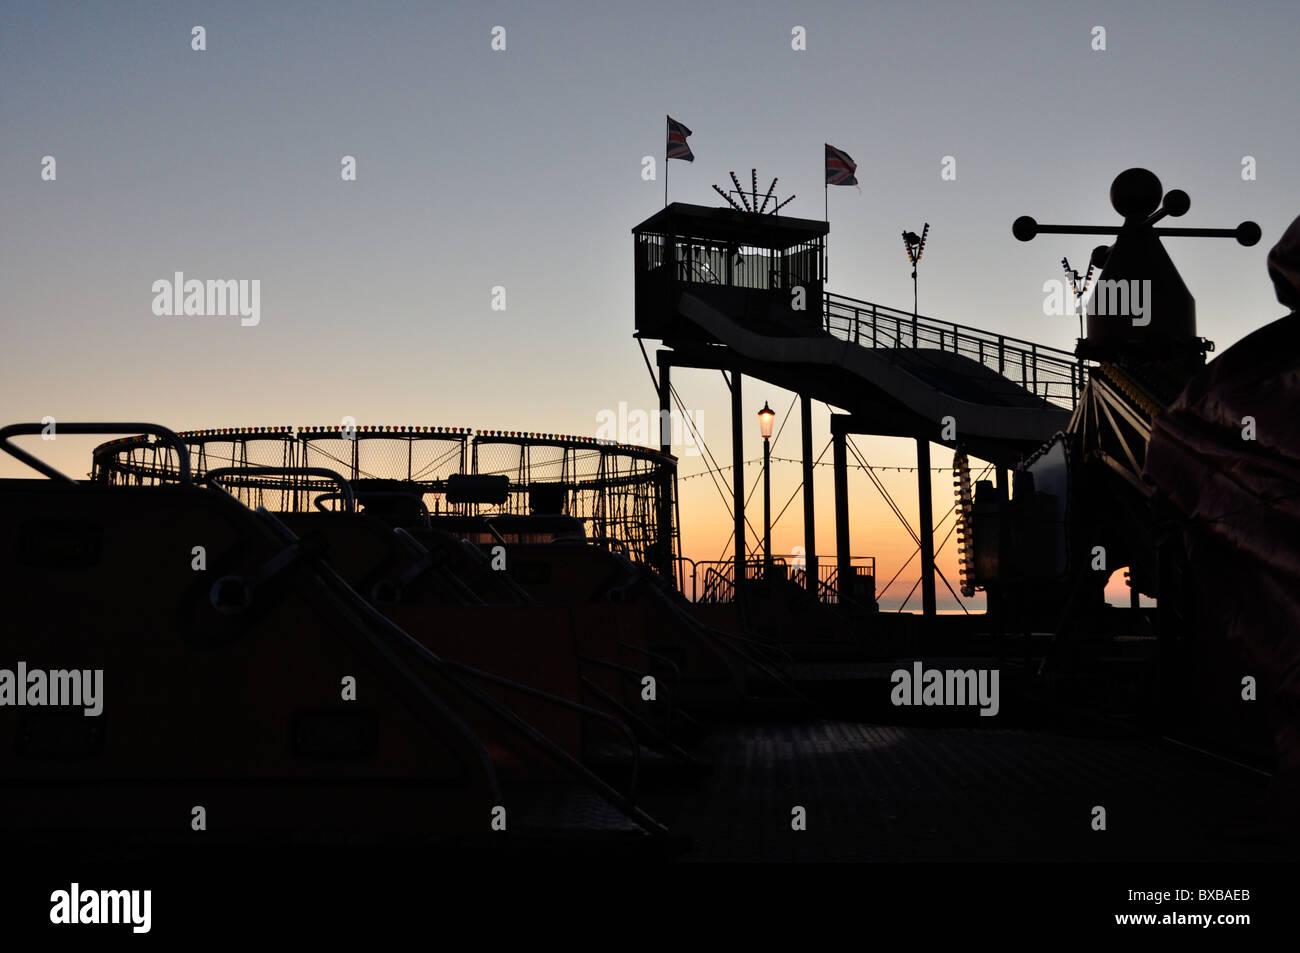 Deserted fairground rides in seaside resort - Stock Image